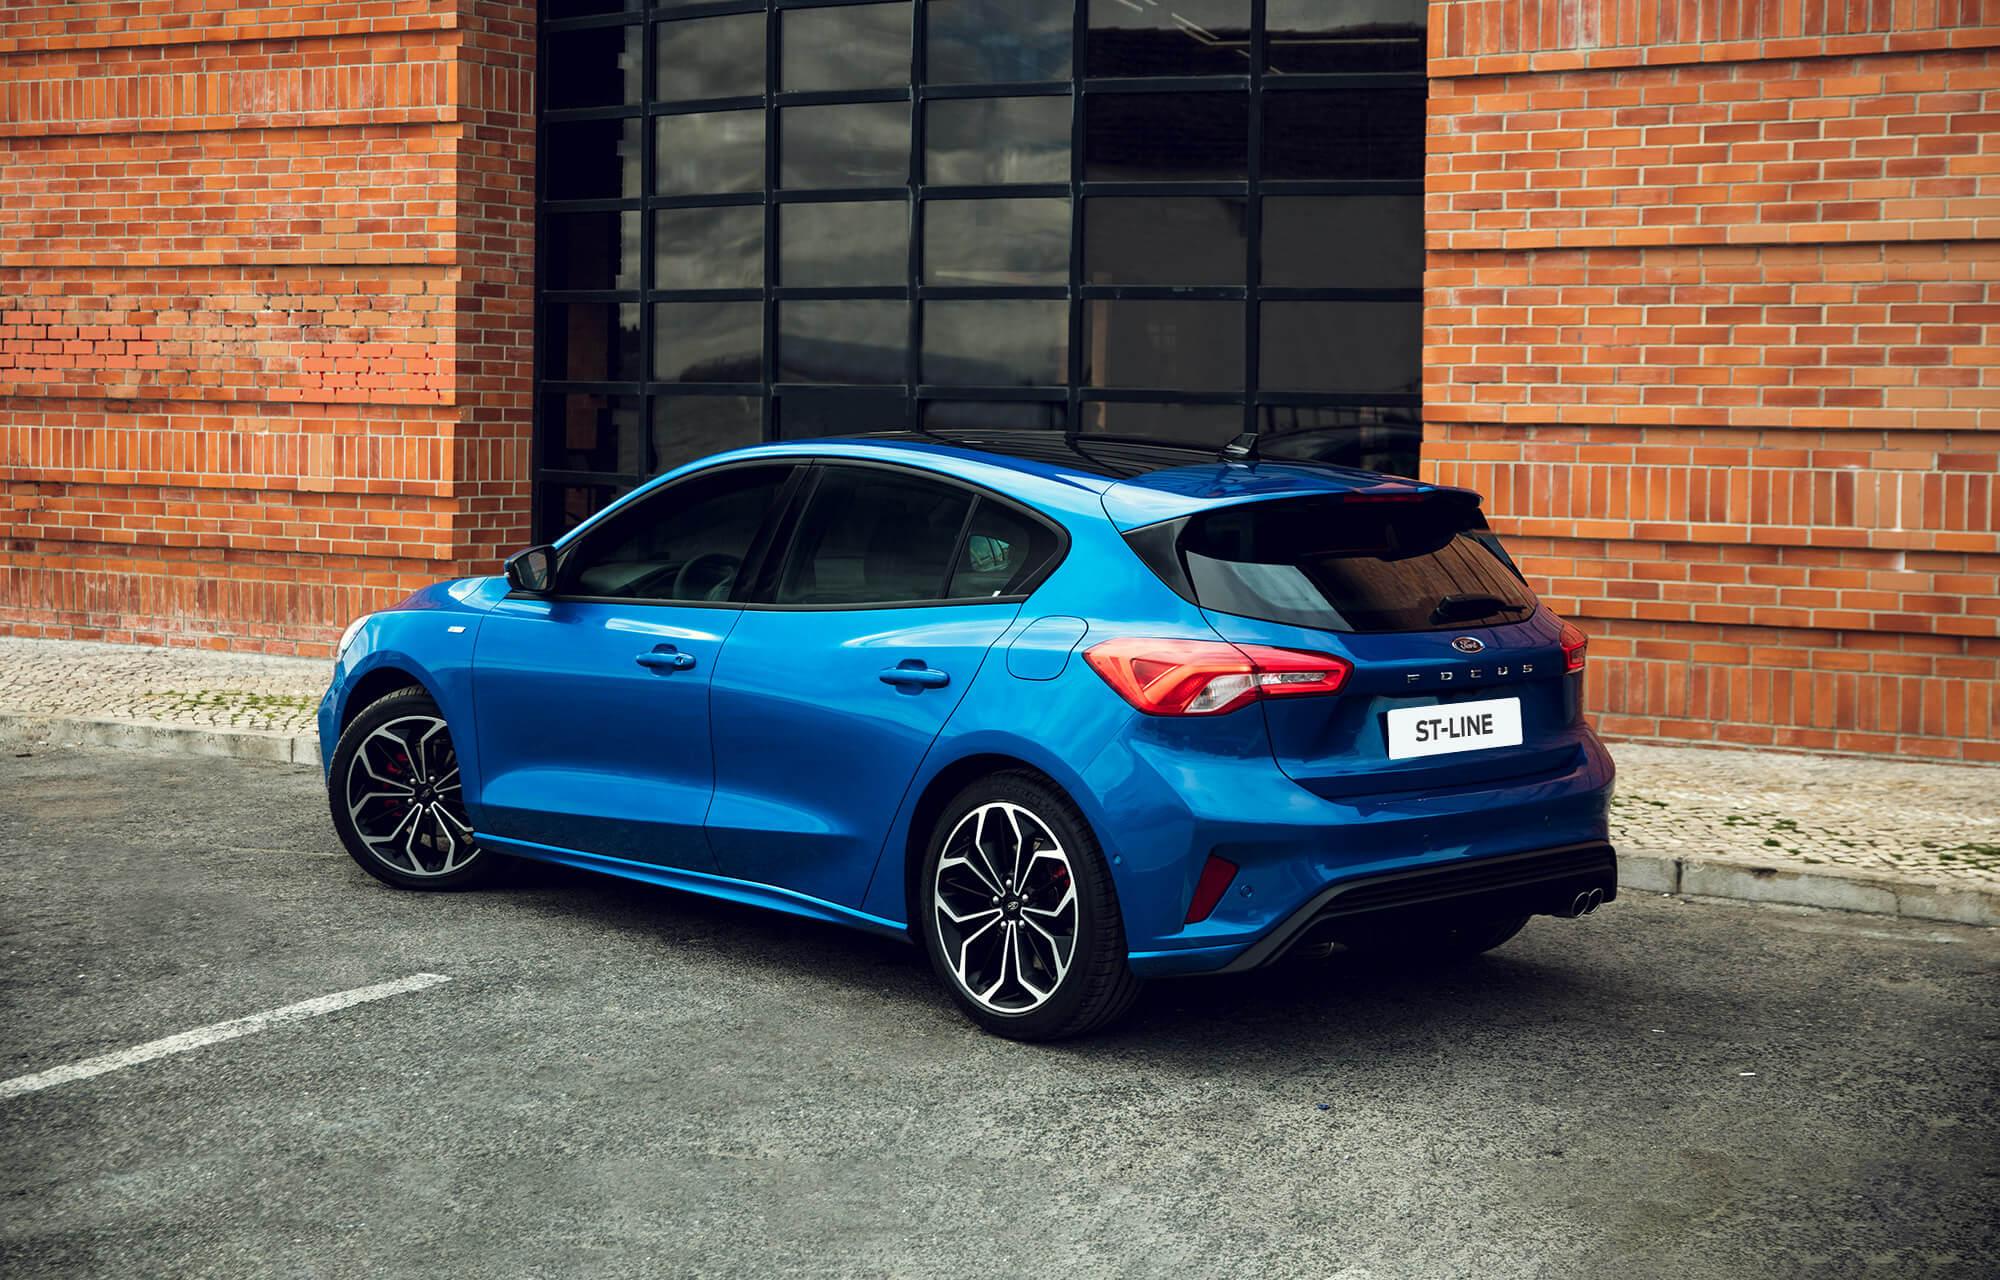 Nouvelle Ford Focus ST-Line bientôt disponible